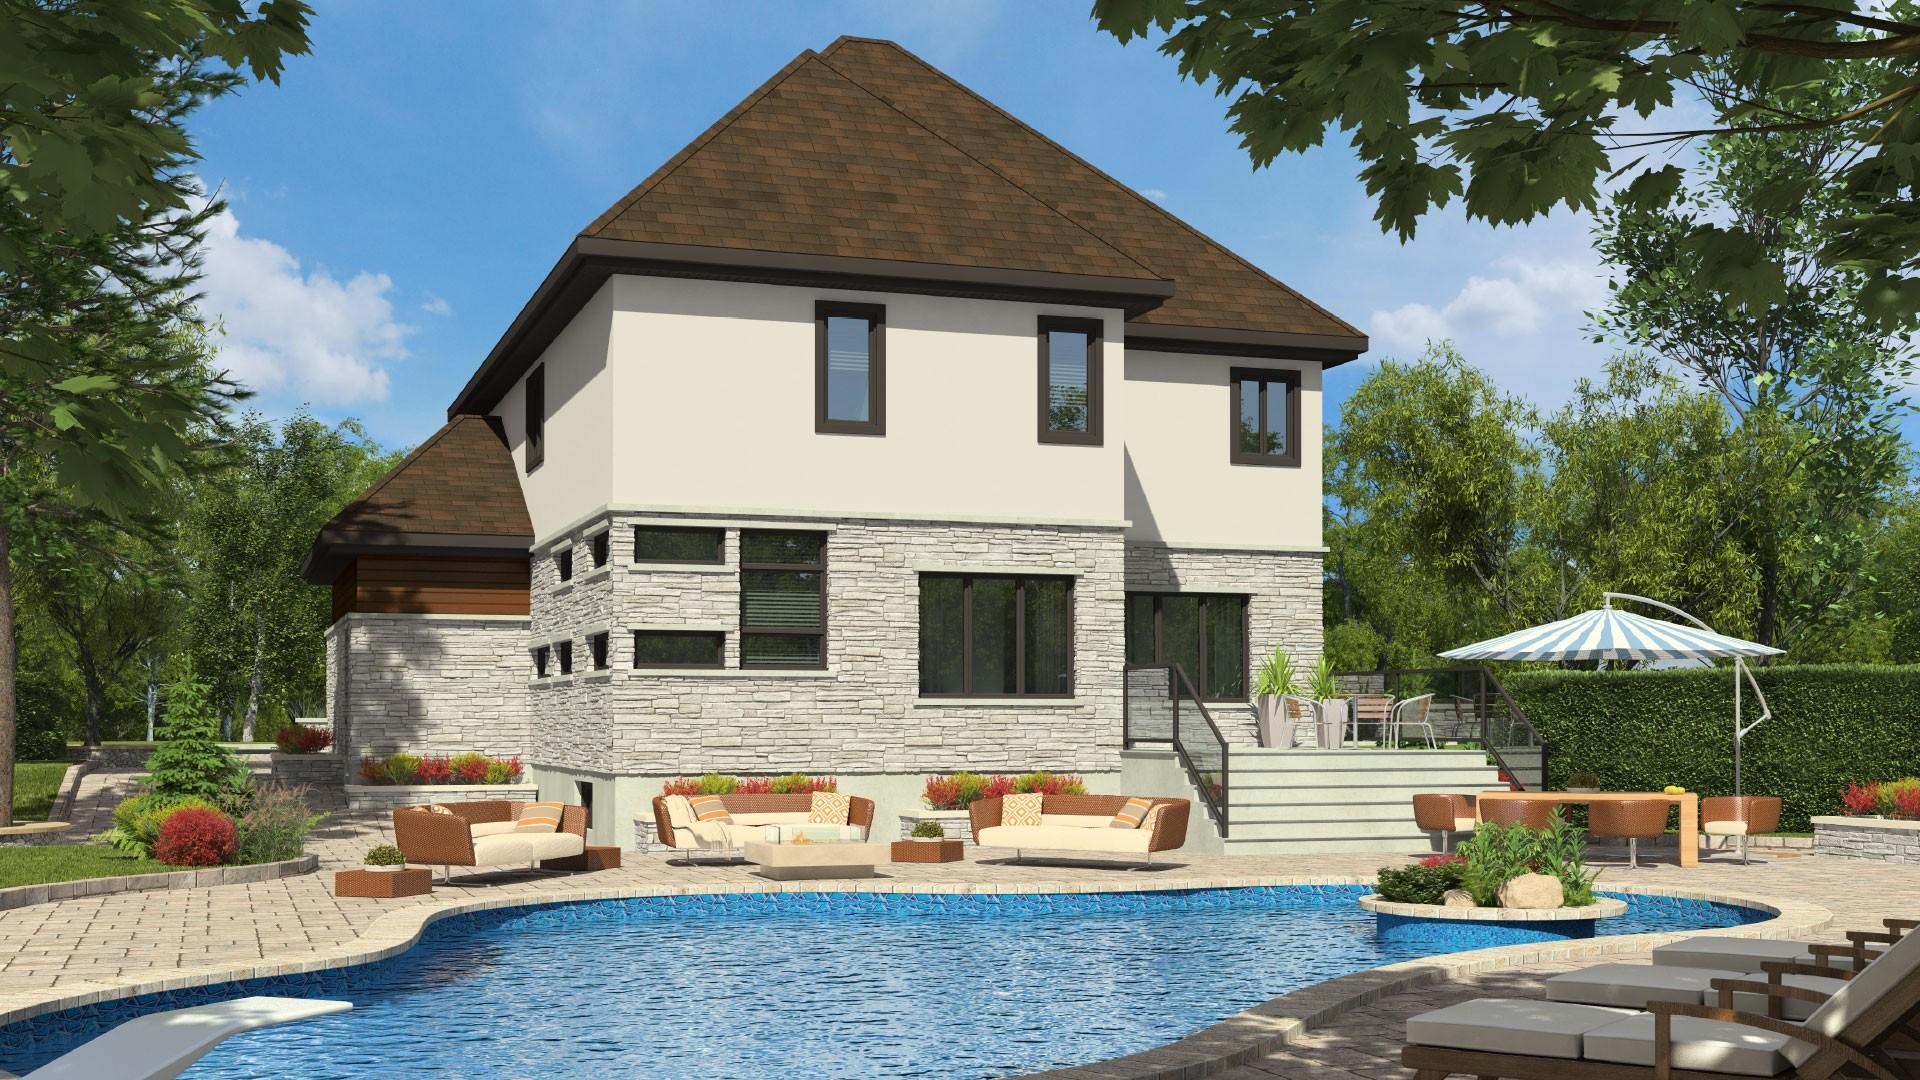 Cottage_Contemporain_Athena_Maison de prestige_Domicil